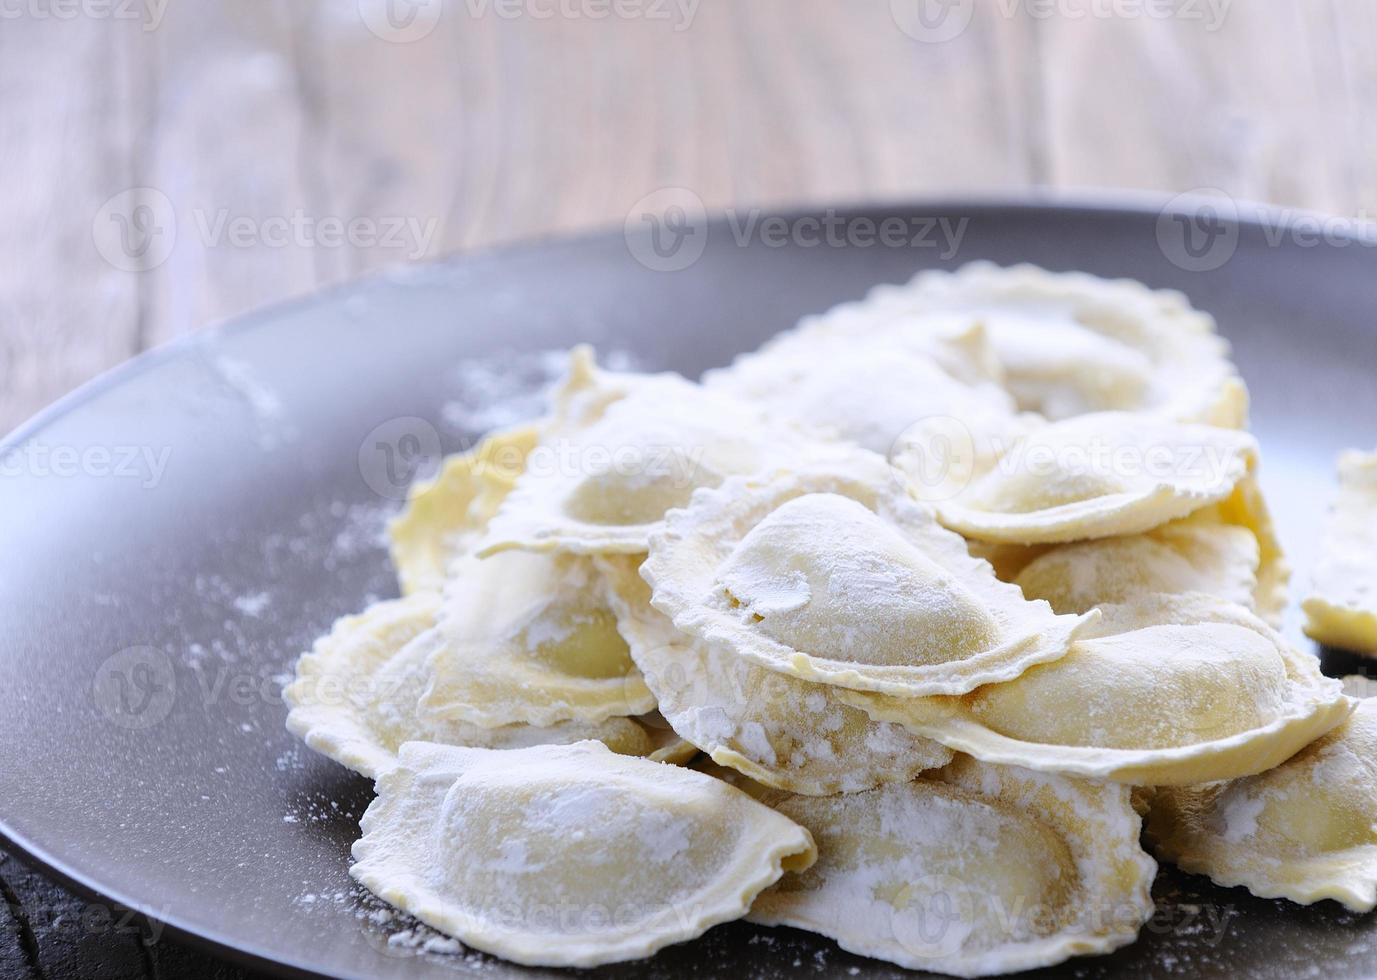 förbereda färsk ravioli. foto